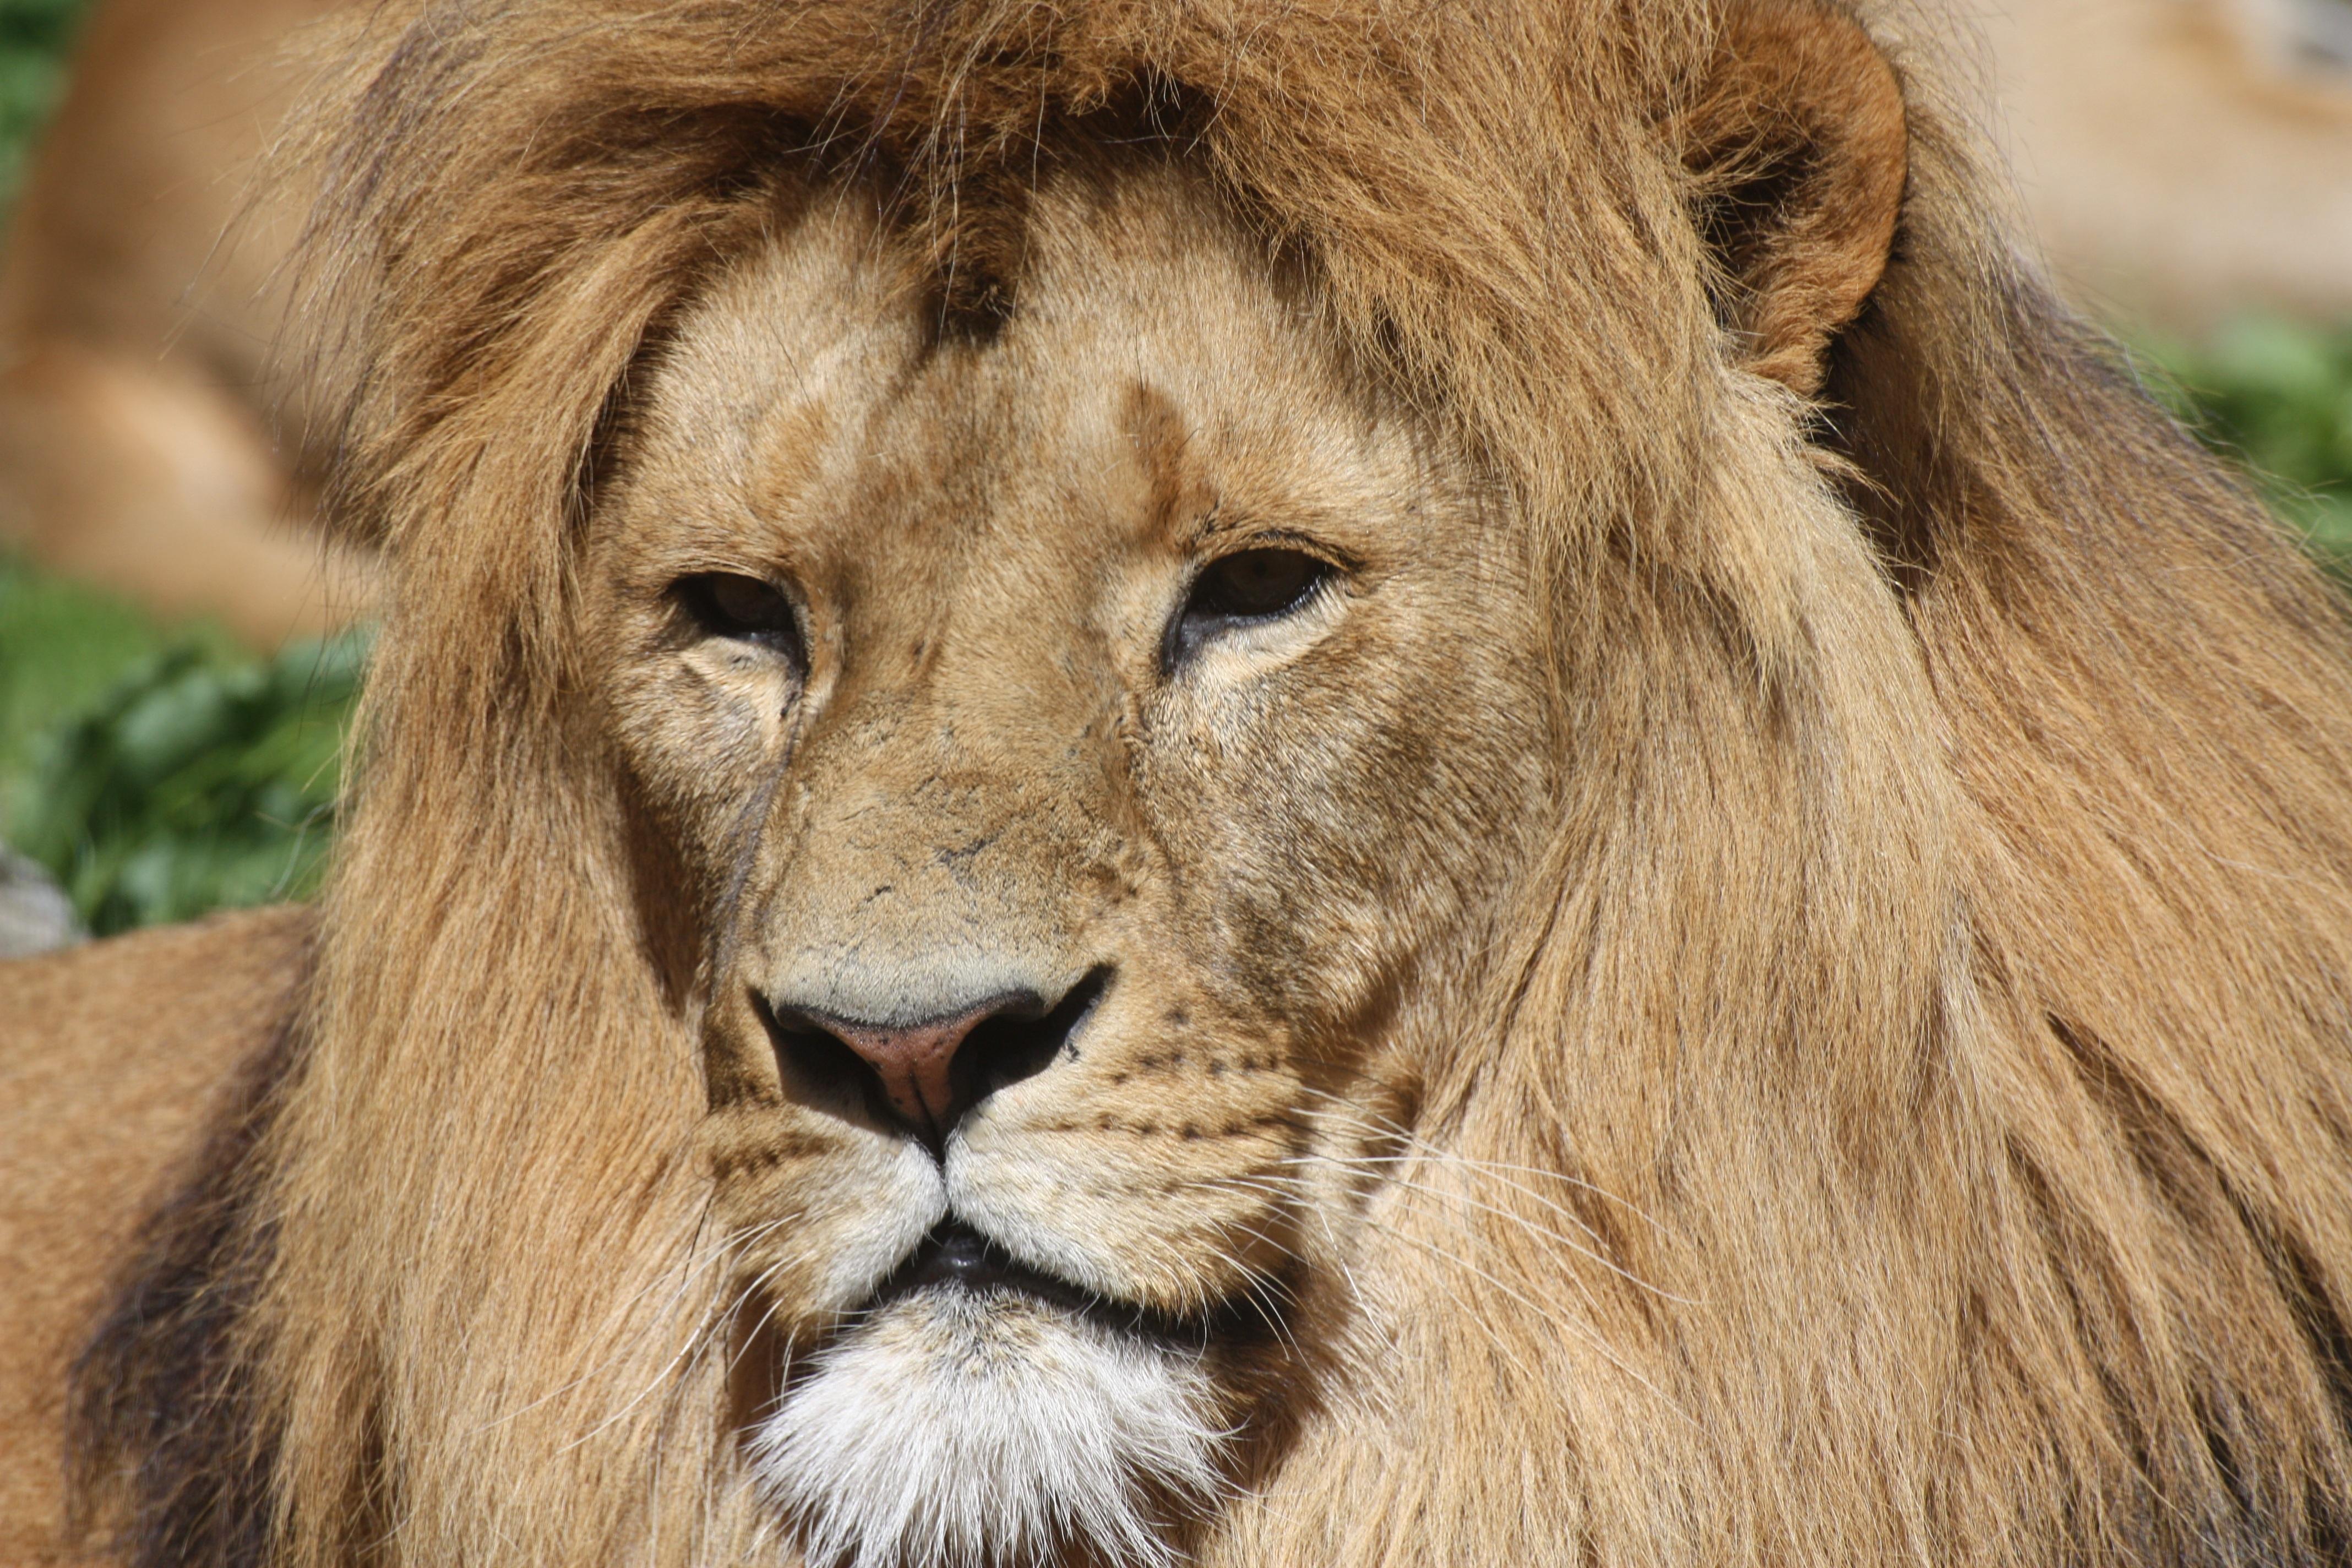 109414 économiseurs d'écran et fonds d'écran Gros Chat sur votre téléphone. Téléchargez Animaux, Un Lion, Lion, Prédateur, Gros Chat, Fauve, Crinière images gratuitement